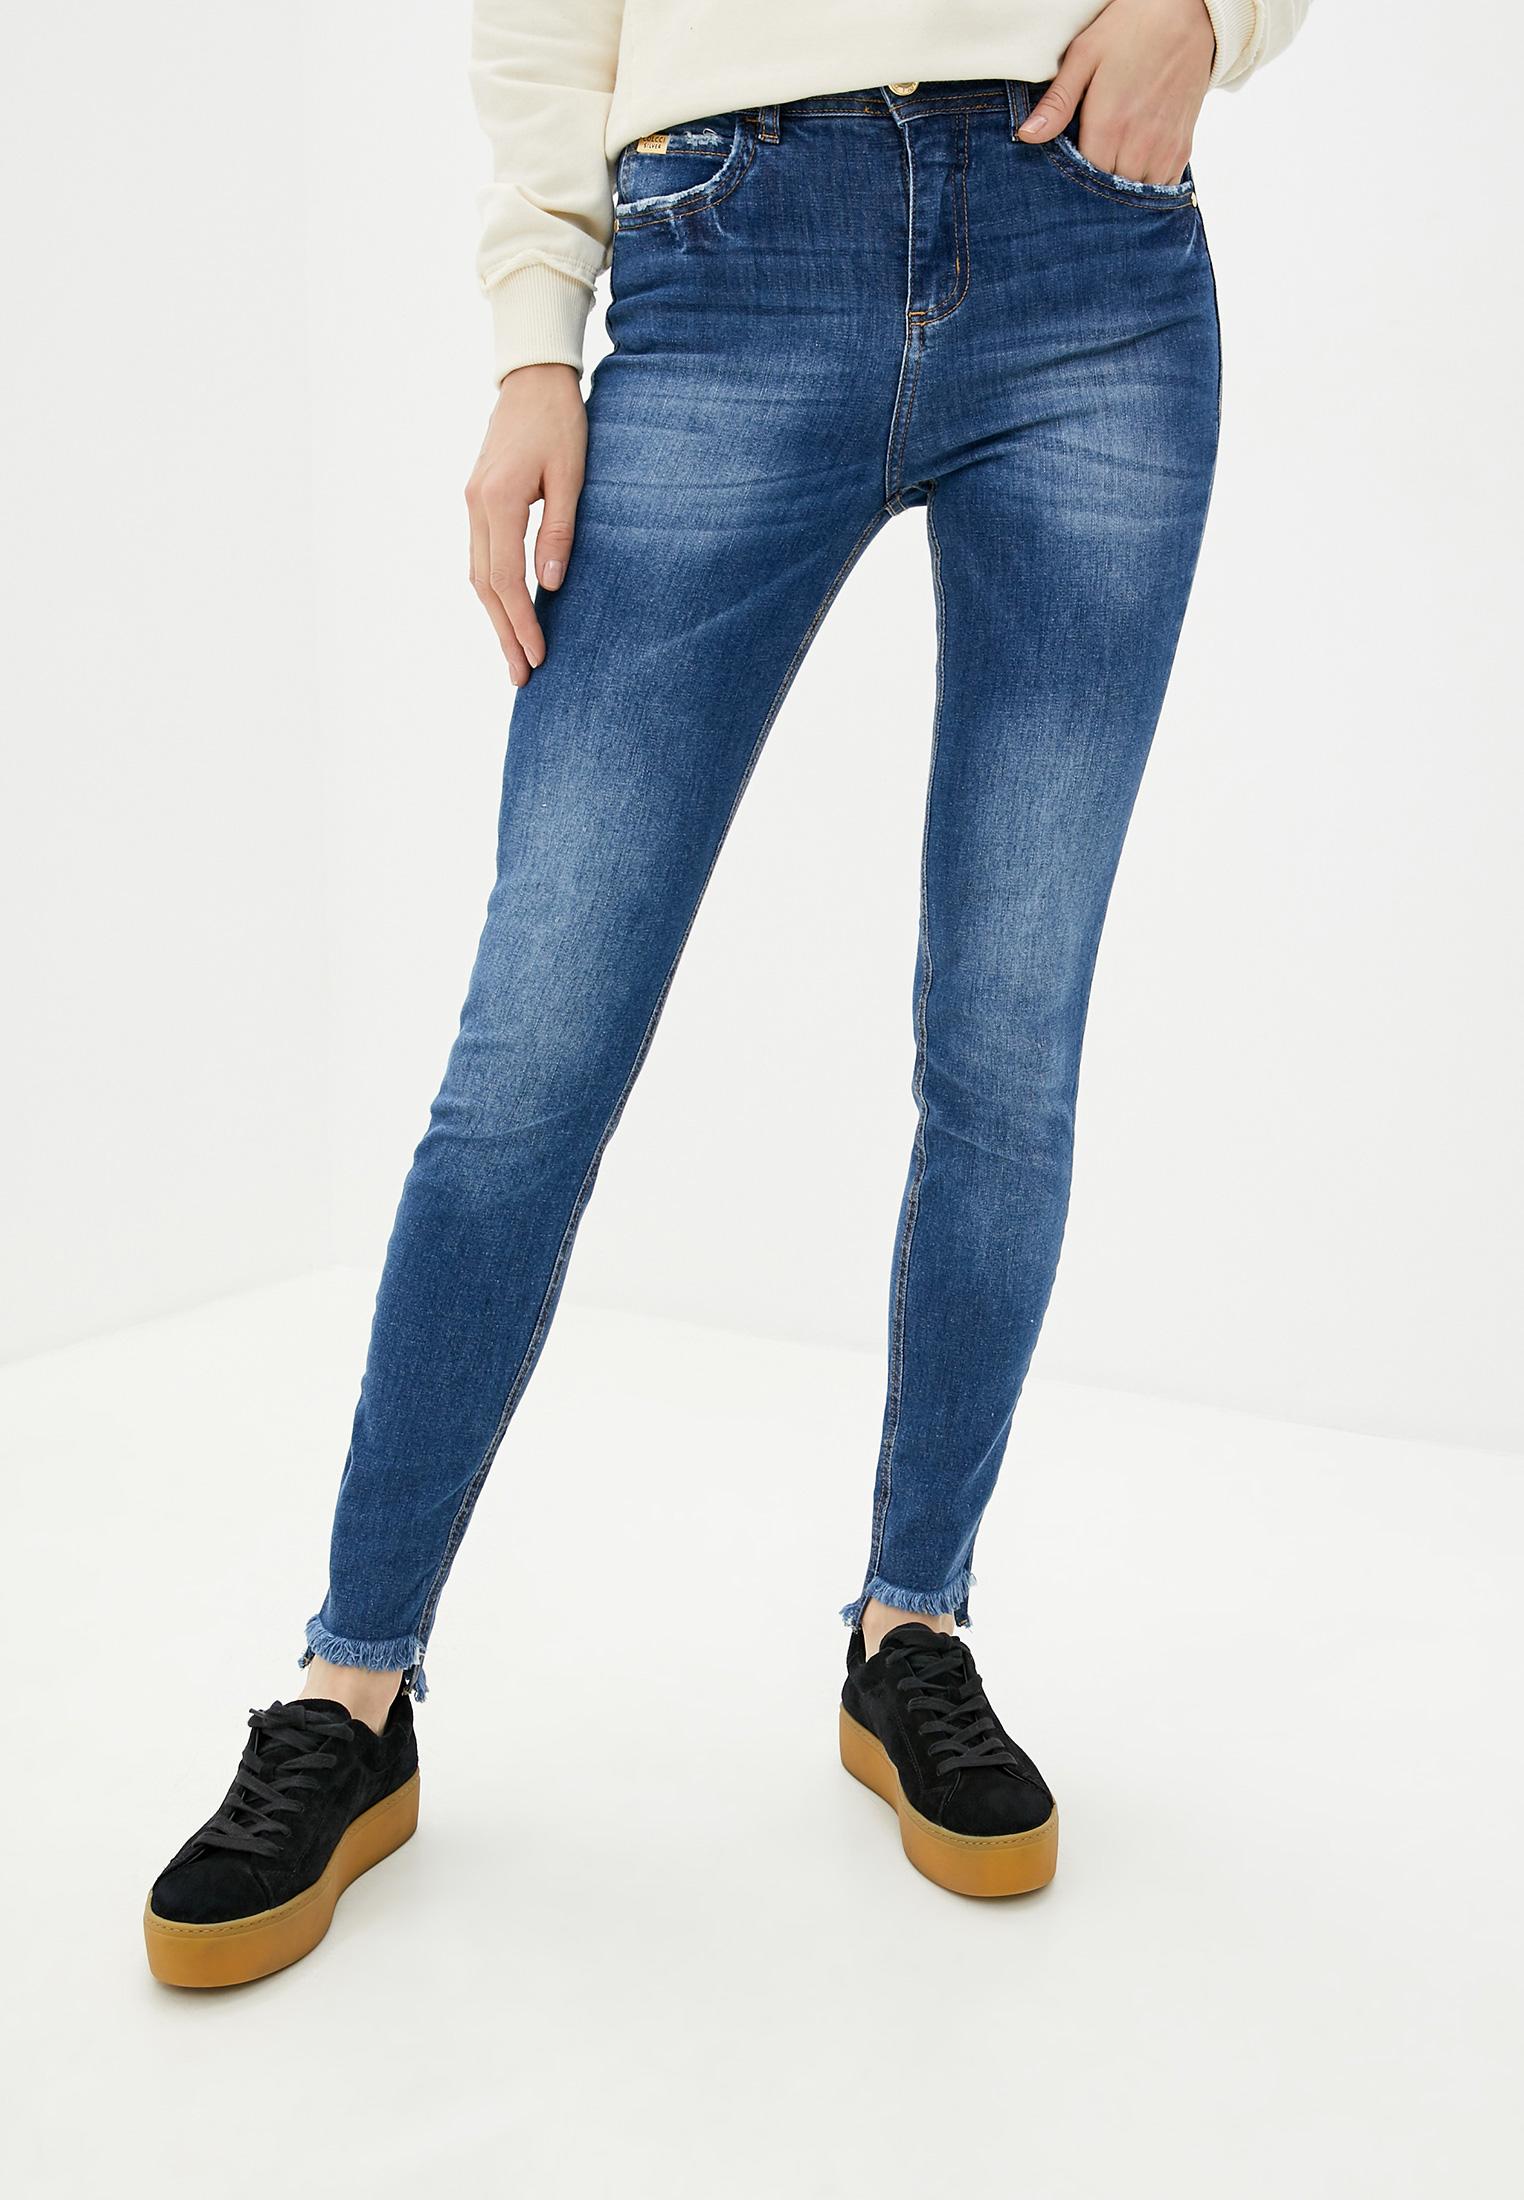 Зауженные джинсы Colcci 002.01.09485